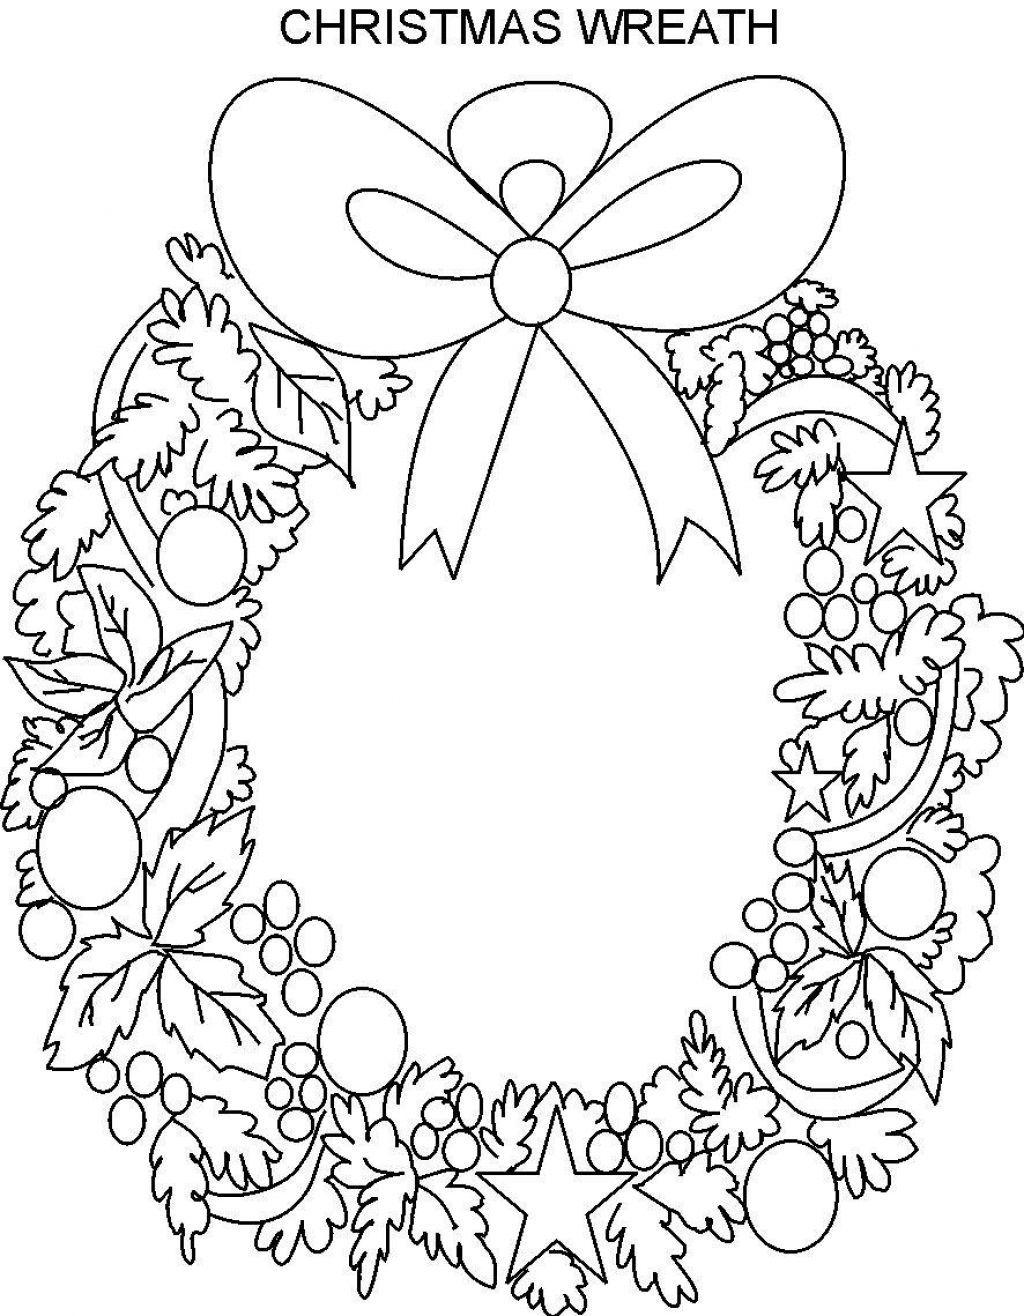 Christmas Wreath Coloring Printable